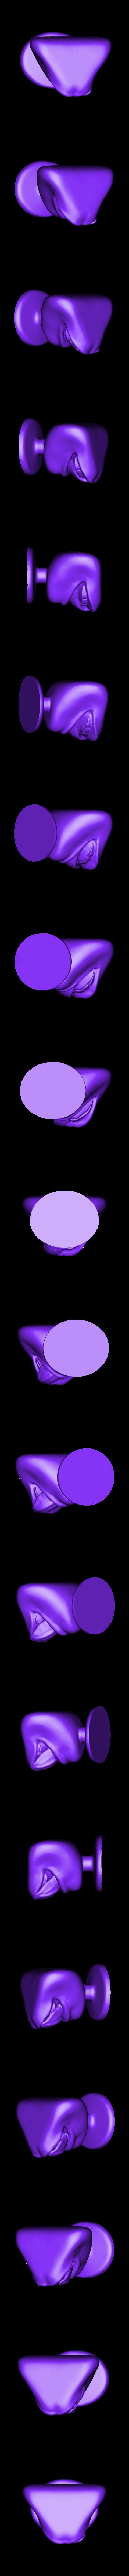 licking-lips.stl Télécharger fichier STL gratuit Lèches Lèvres Humaines • Plan à imprimer en 3D, quangdo1700